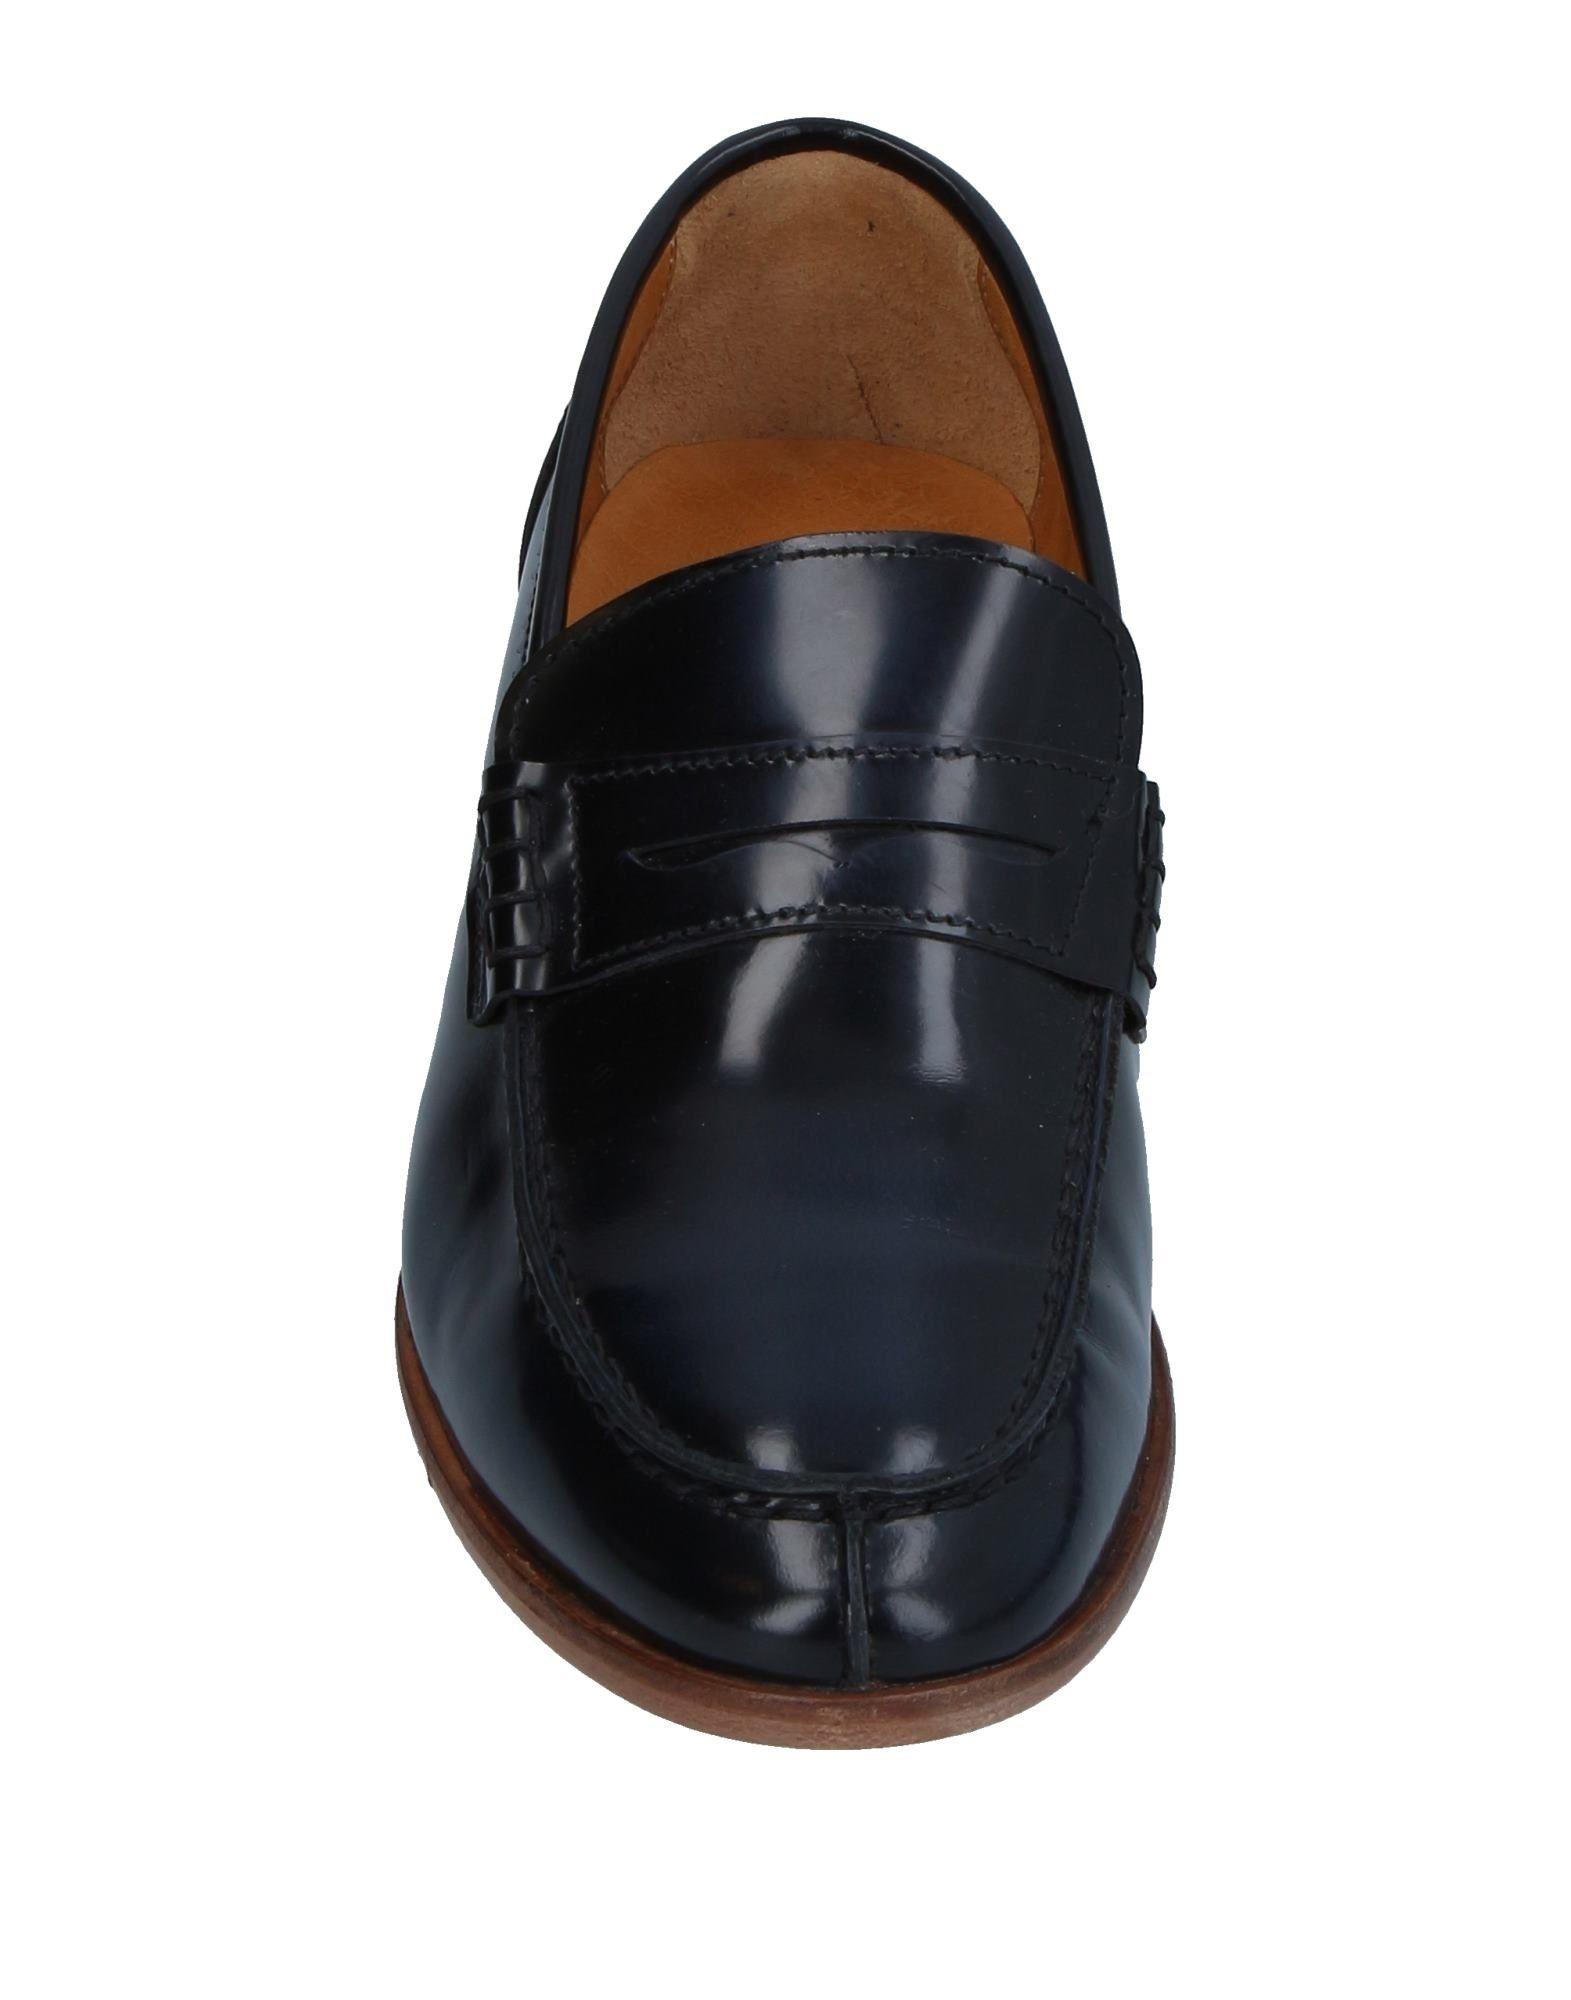 Seboy's Mokassins Damen  11369466RI 11369466RI  Gute Qualität beliebte Schuhe e6fed3